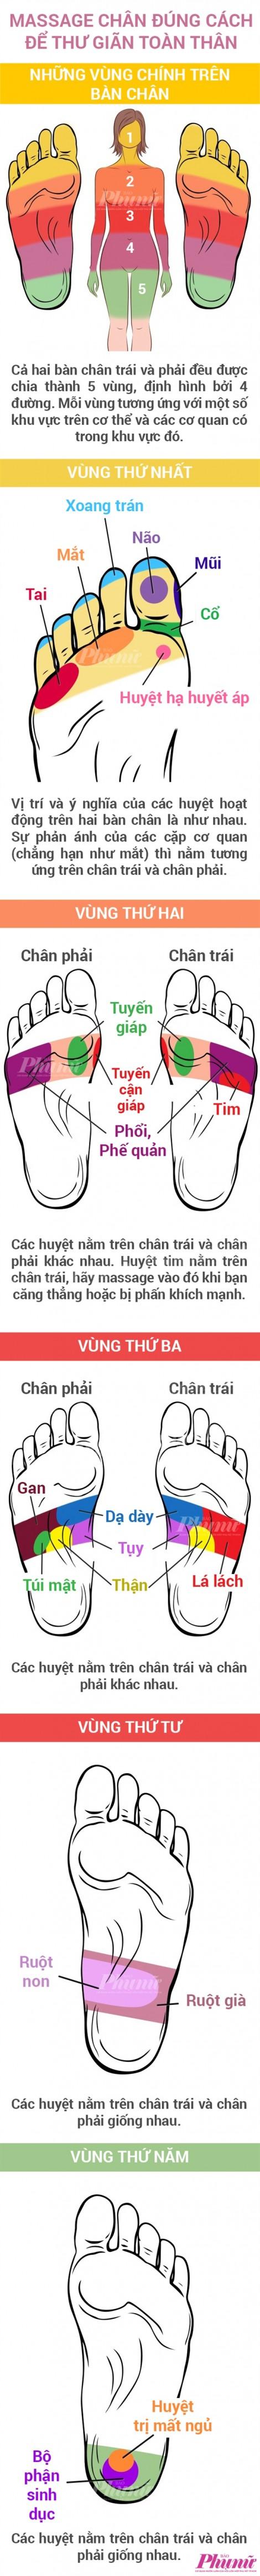 Massage chân đúng cách để thư giãn toàn thân